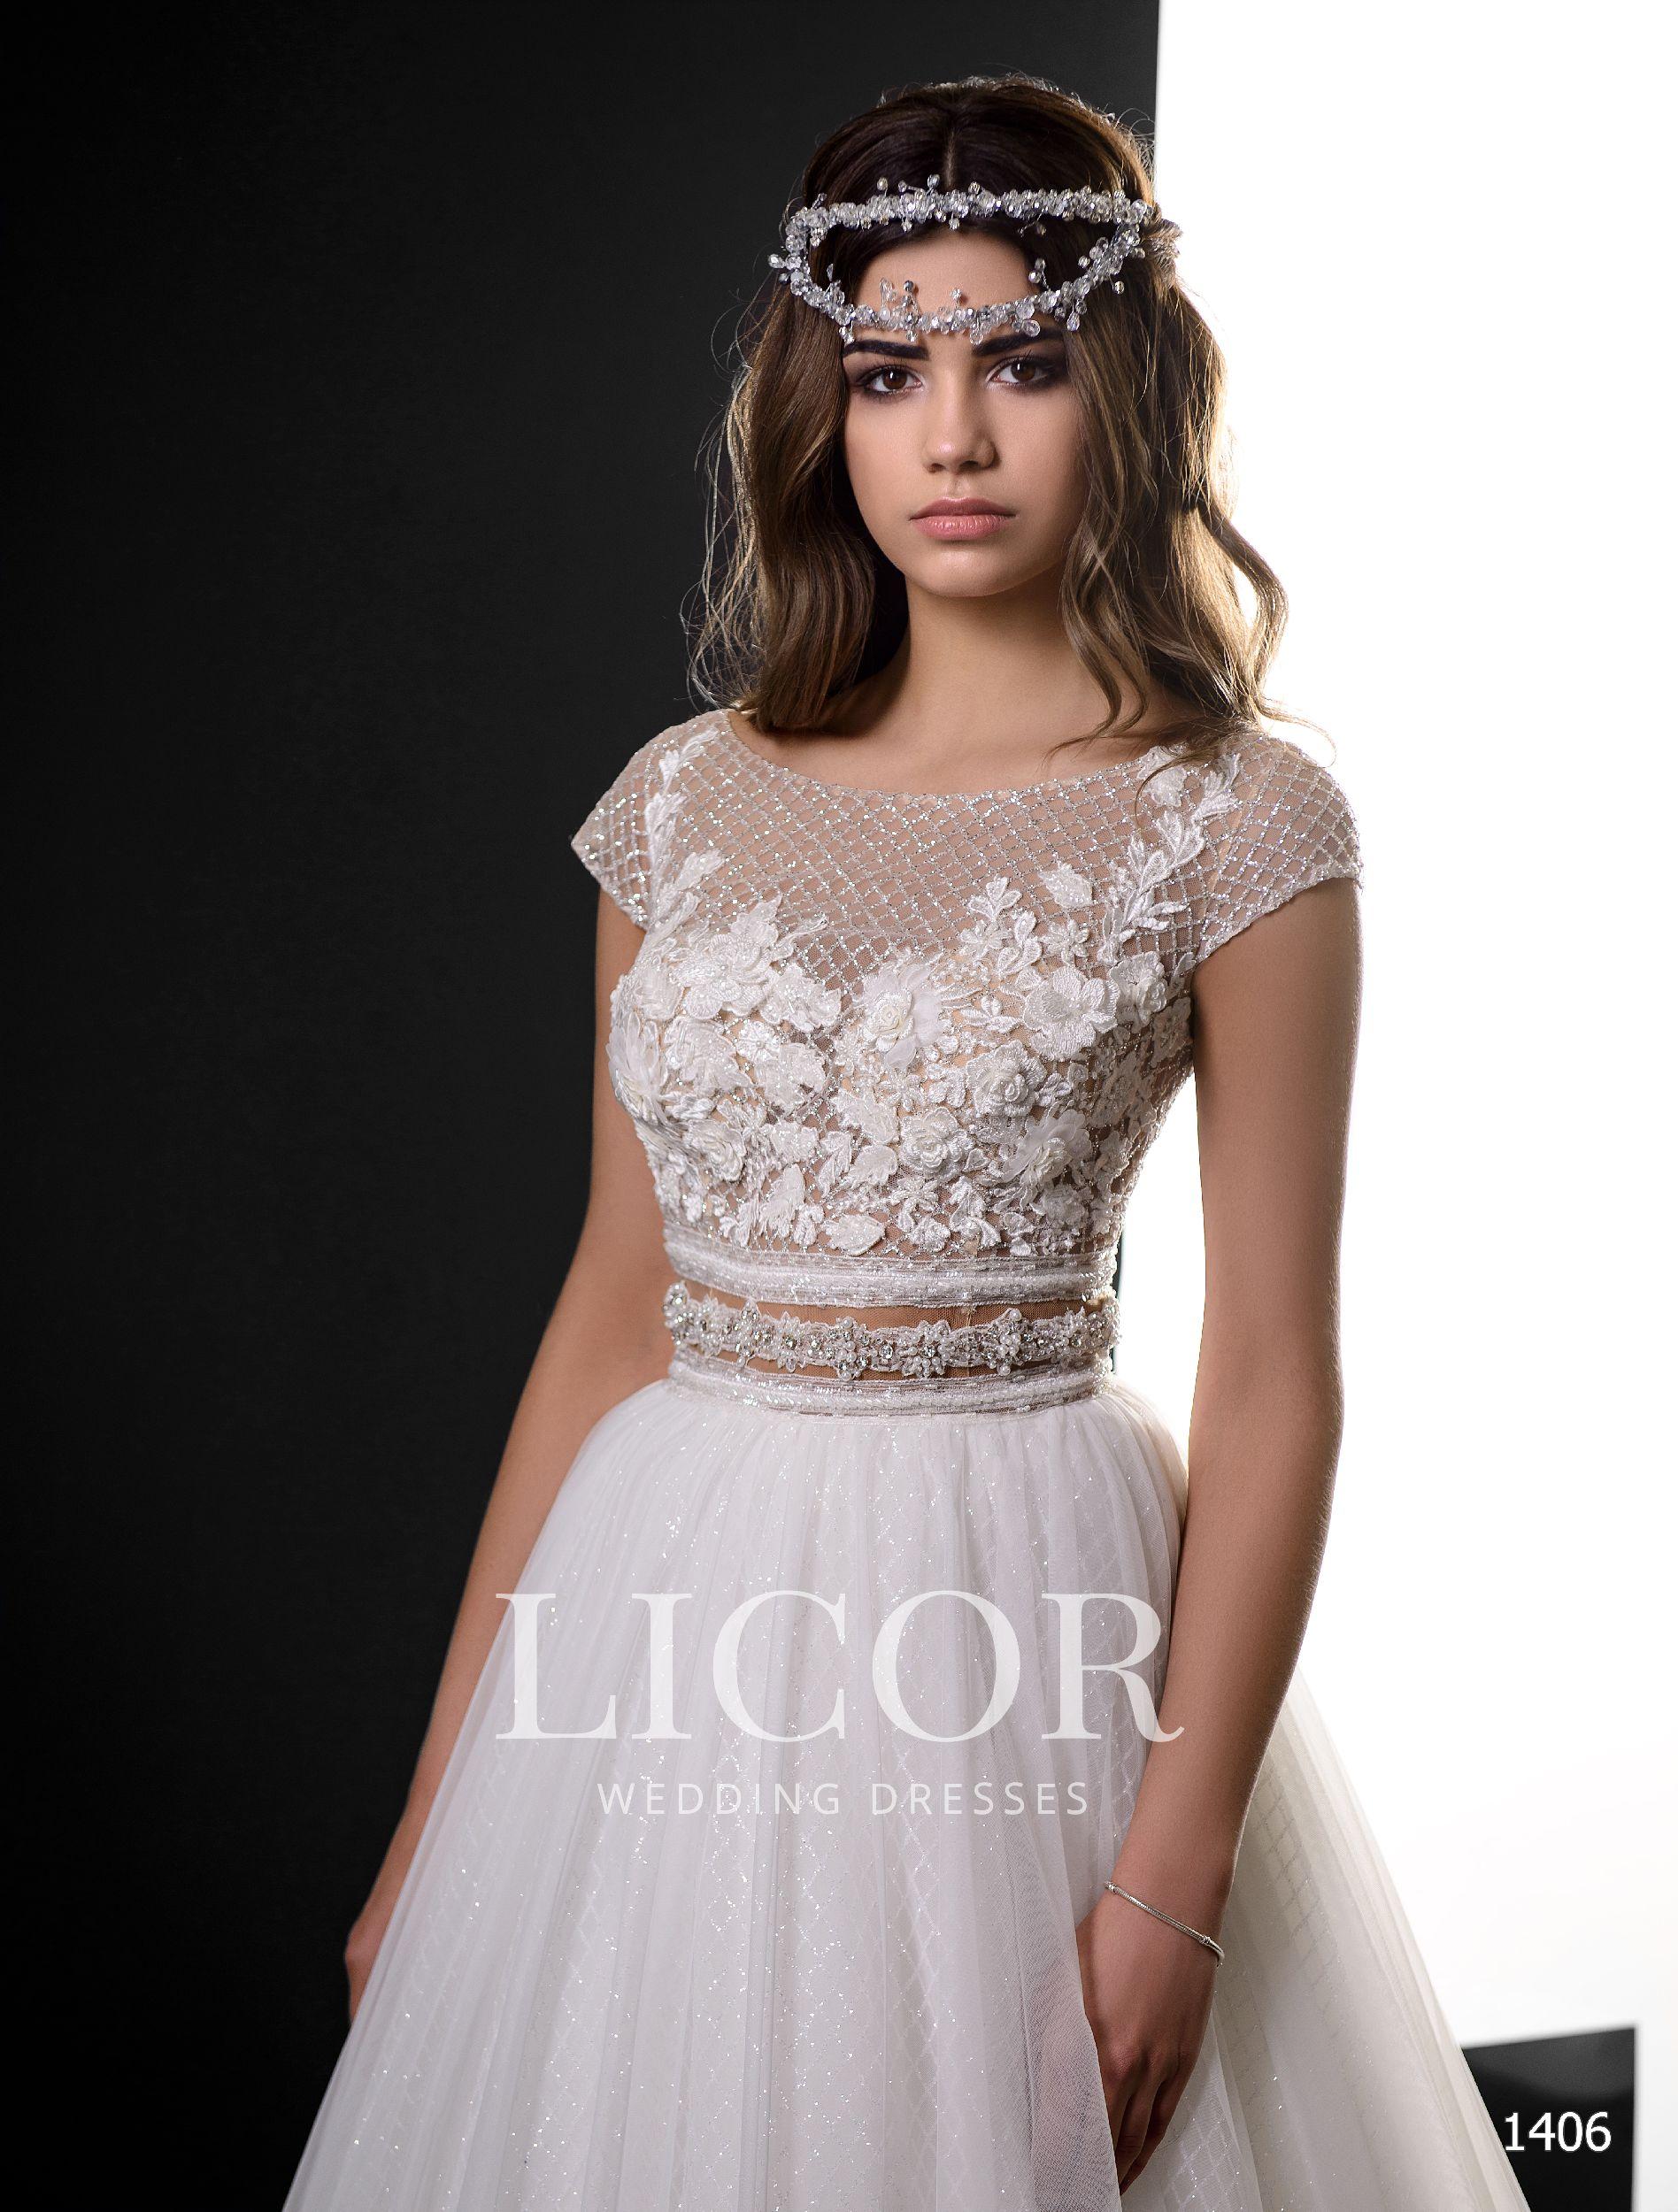 Najnowsze Welcome to TM Licor hurtownia producent ślubnych, wieczorowych i OC71